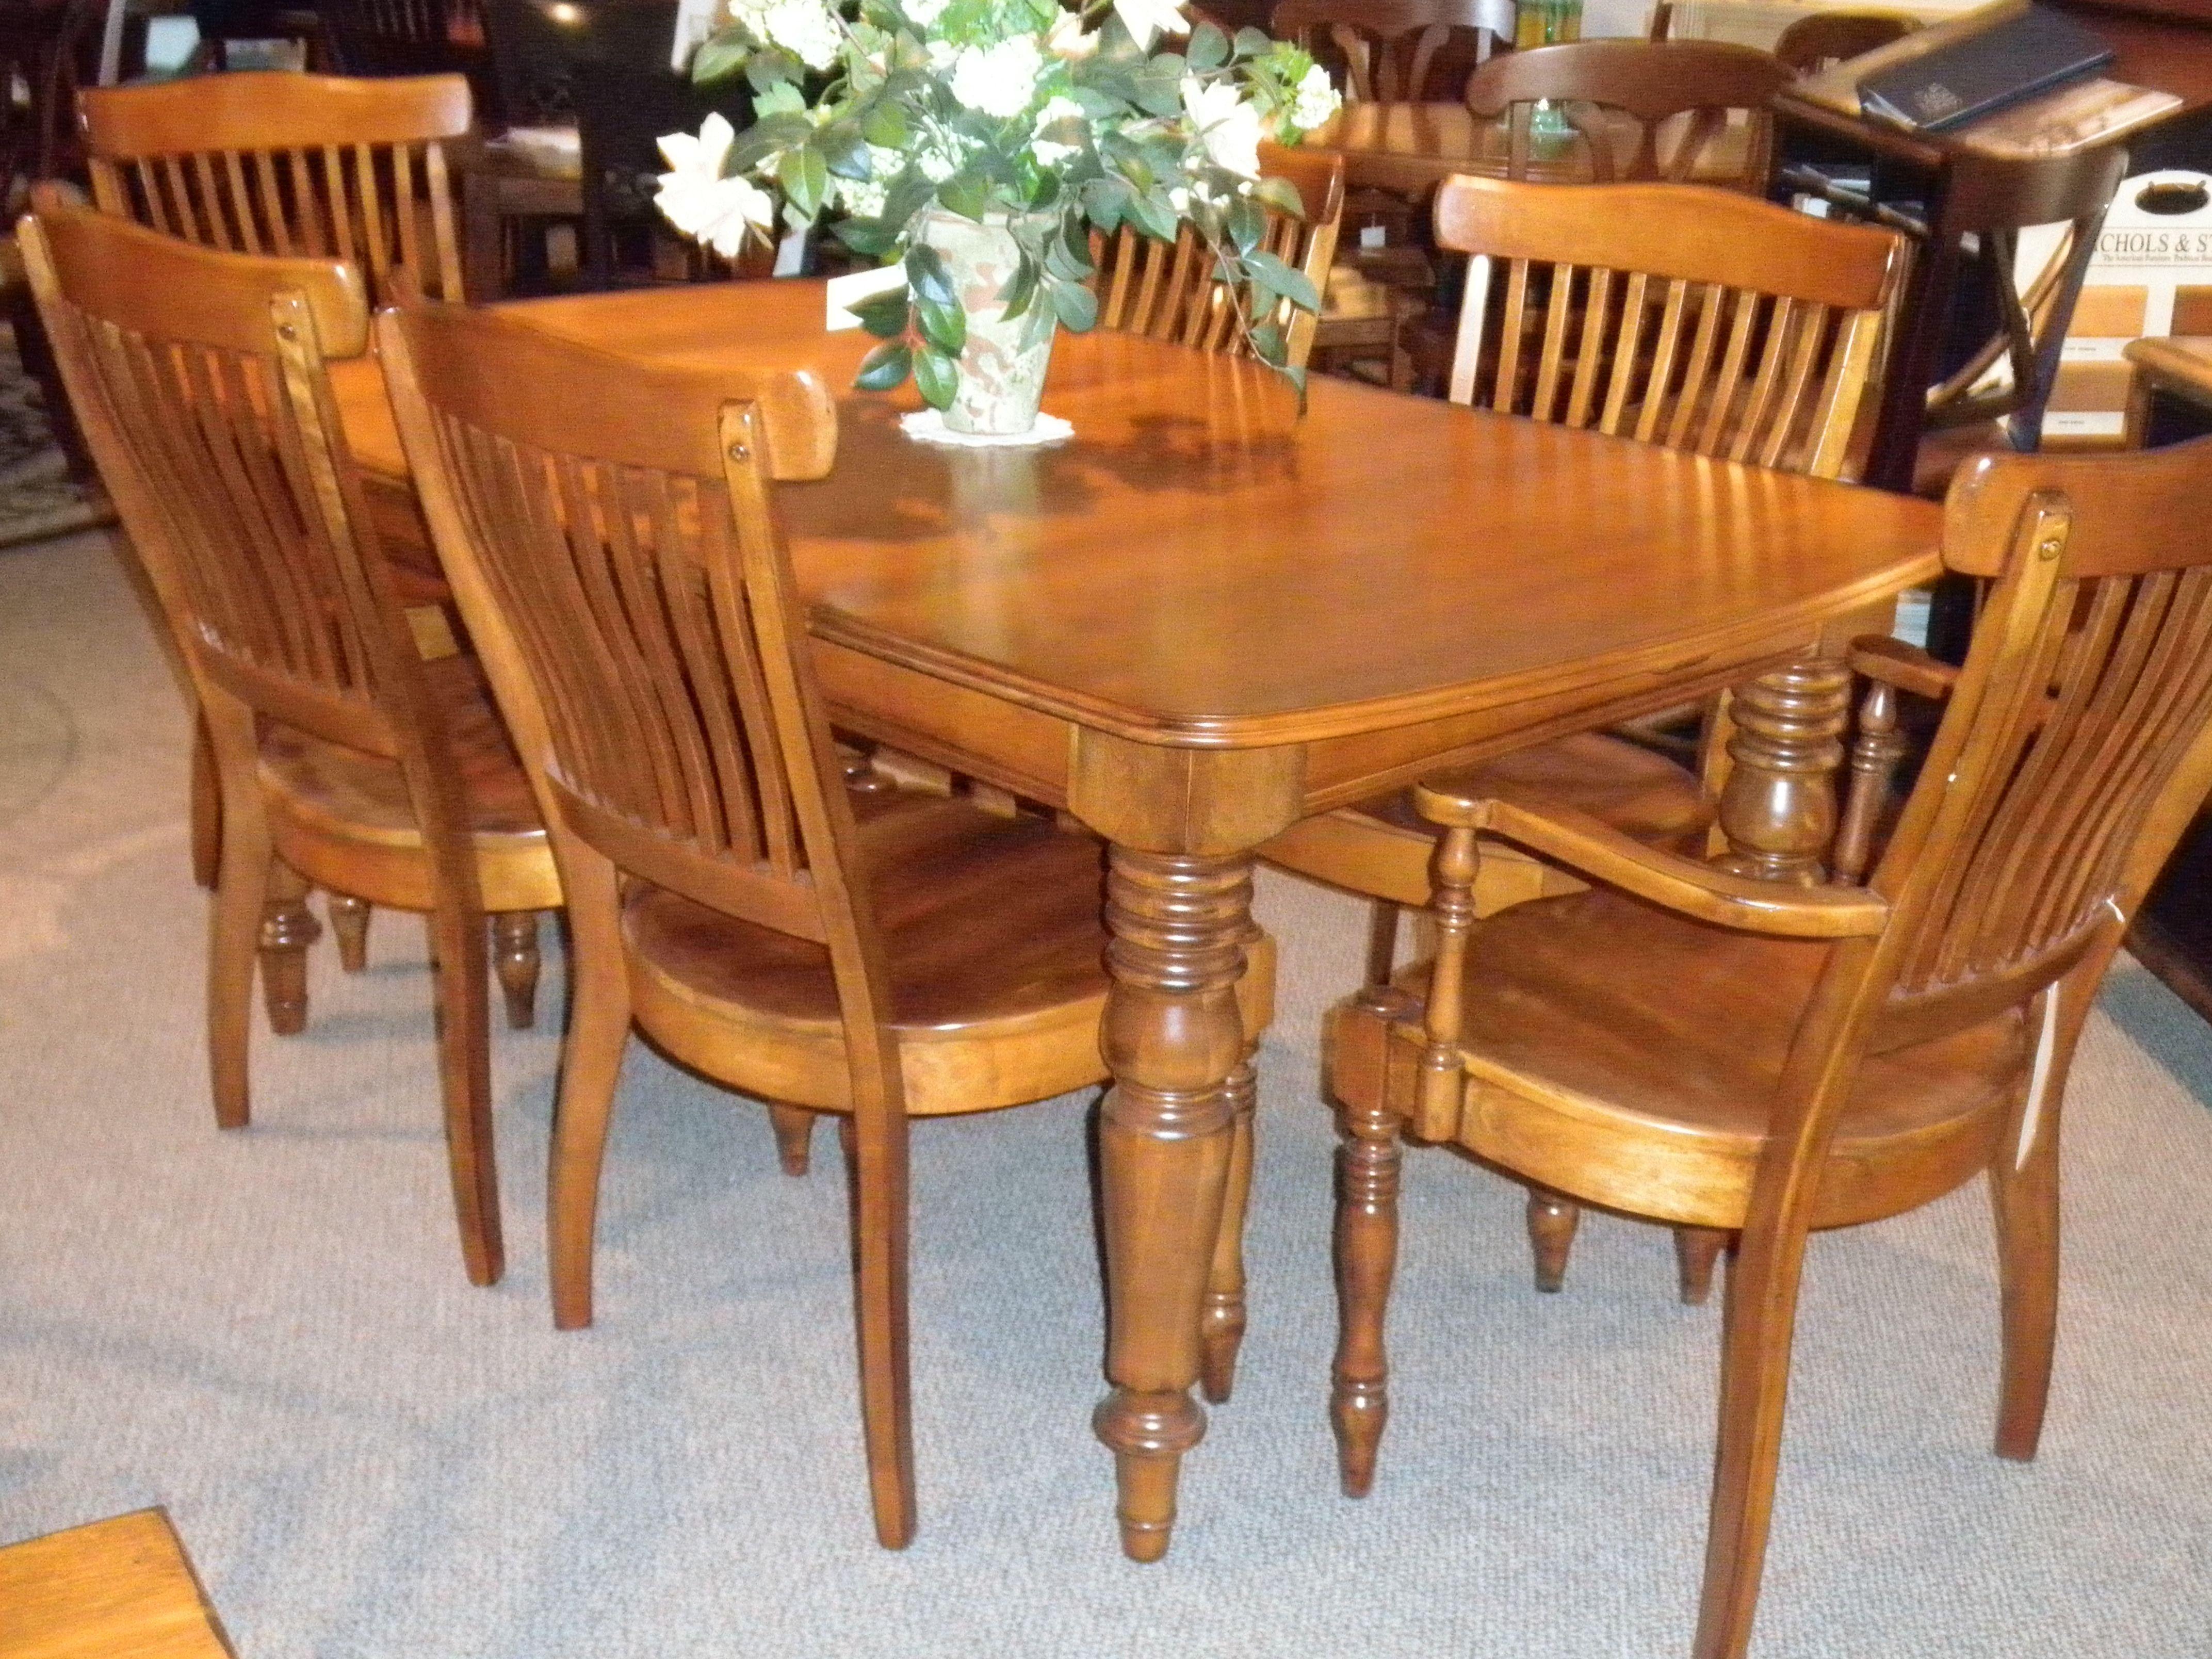 Nichols U0026 Stone St. George Dining Table